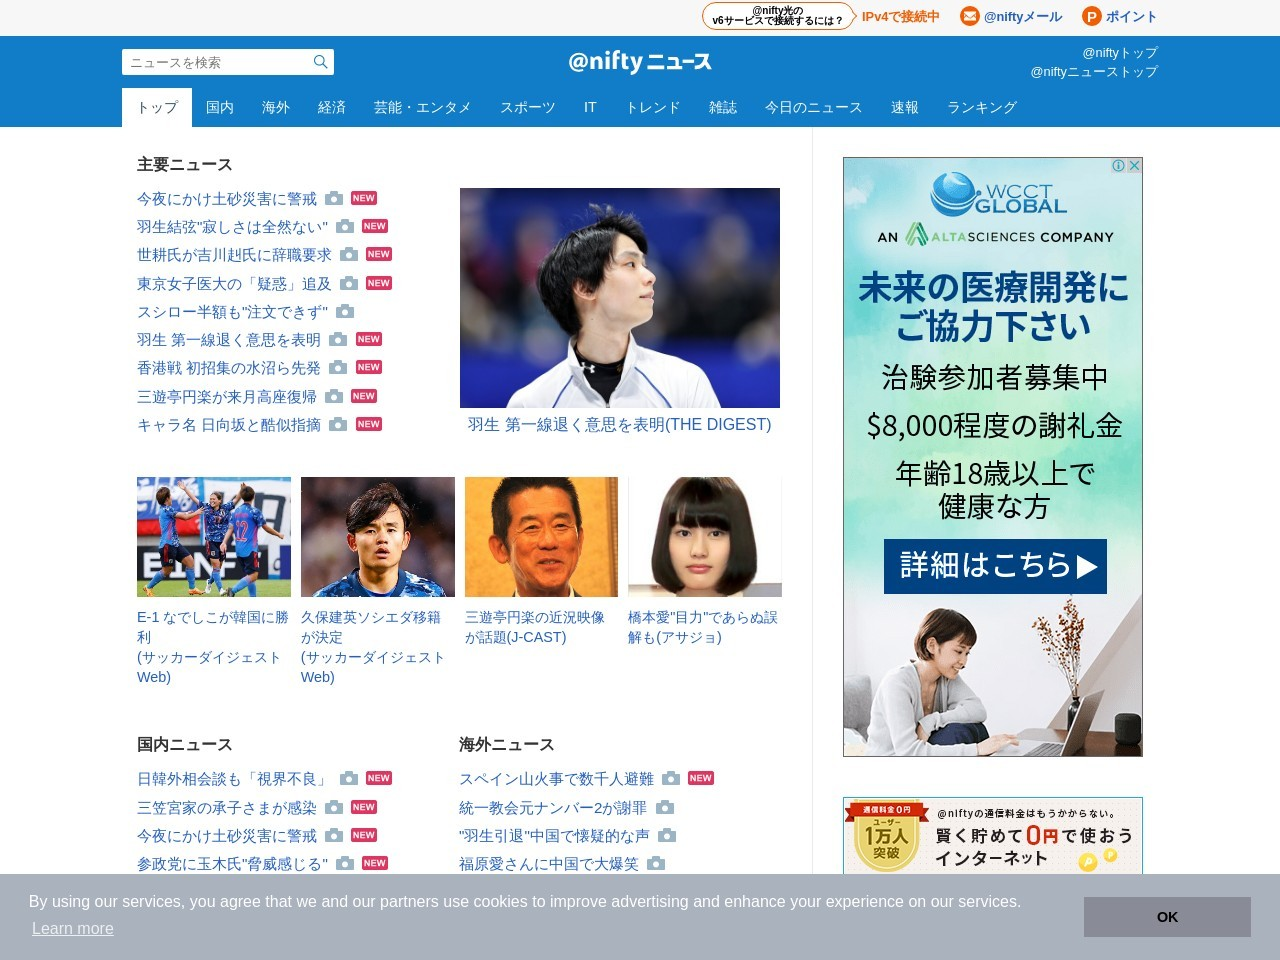 羽生結弦写真集が2作同時にオリコン週間BOOKランキングTOP10入り AKB48以来